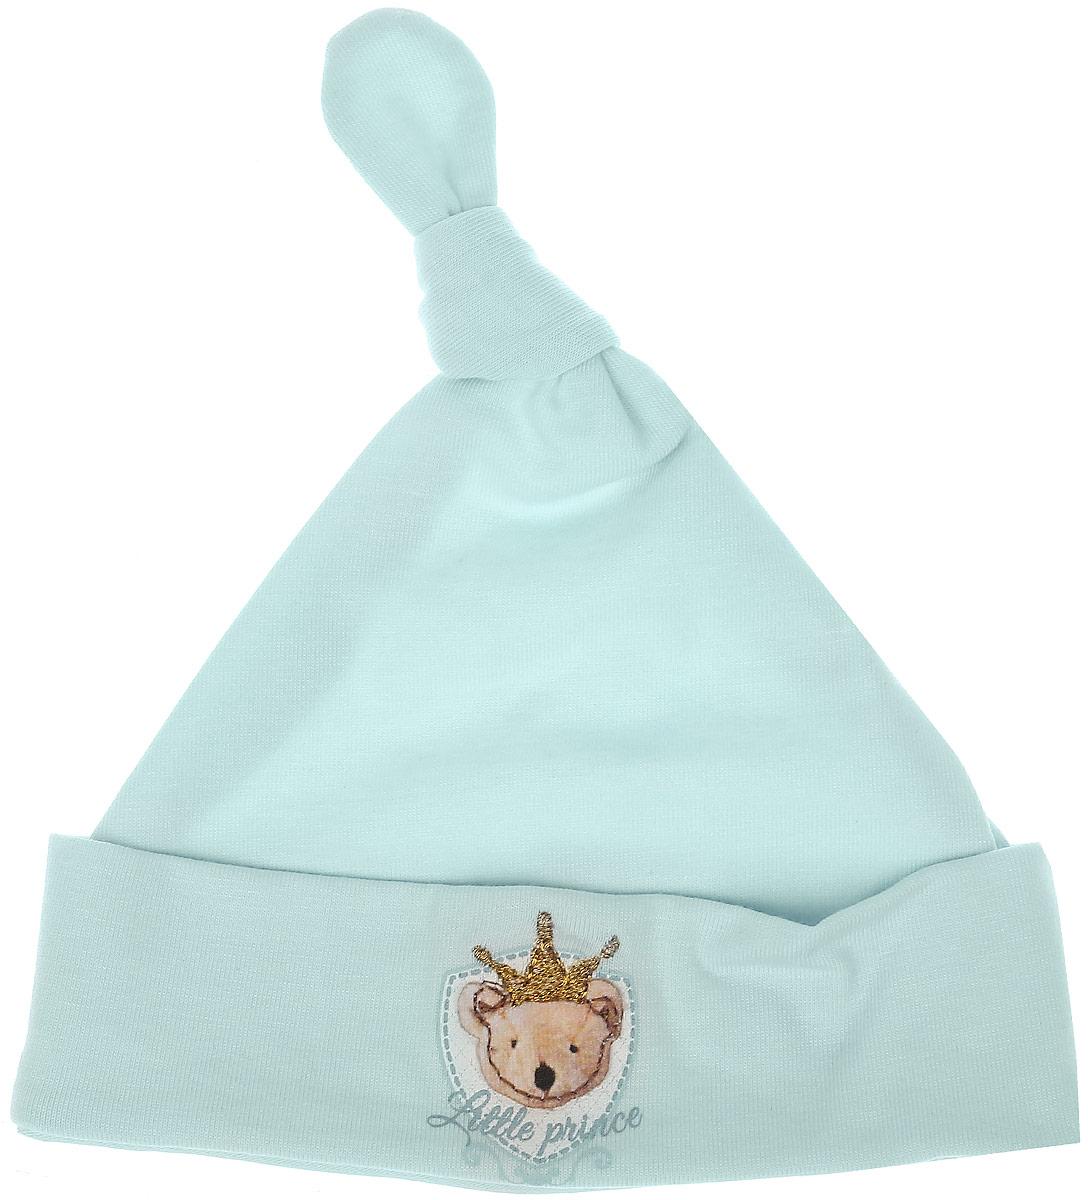 Шапка детская34-598Детская шапочка СовенокЯ изготовлена из натурального хлопка. Тонкая шапочка дополнена отворотом и длинным колпачком, завязанным в узел. Спереди имеется нашивка в виде мордочки мишки в короне. Уважаемые клиенты! Размер, доступный для заказа, является обхватом головы.